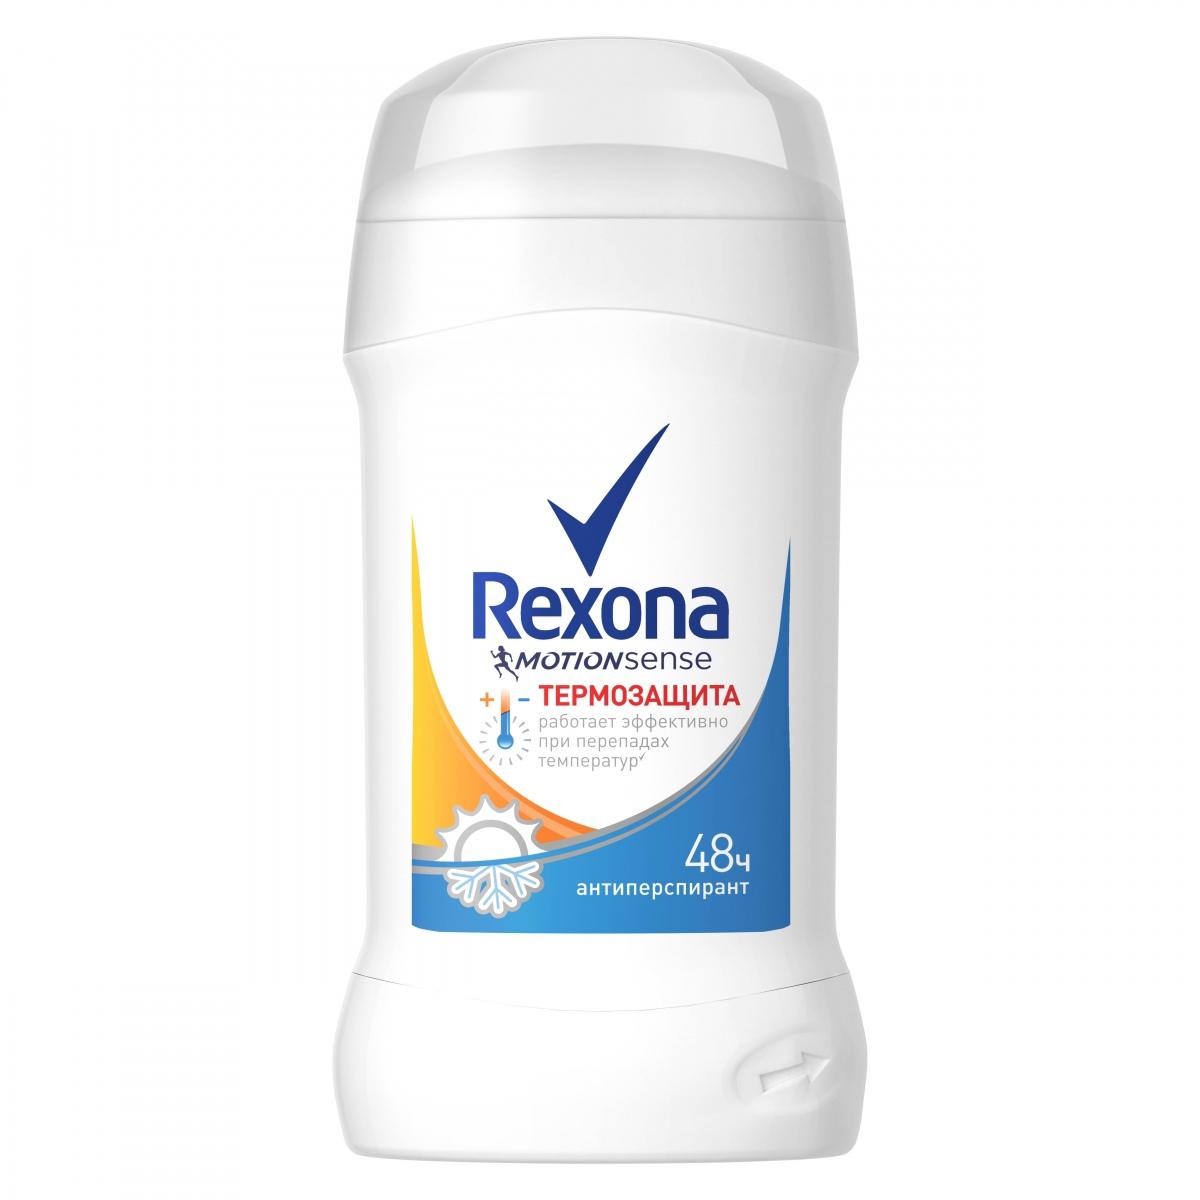 Rexona представляет новинку - дезодорант Термозащита